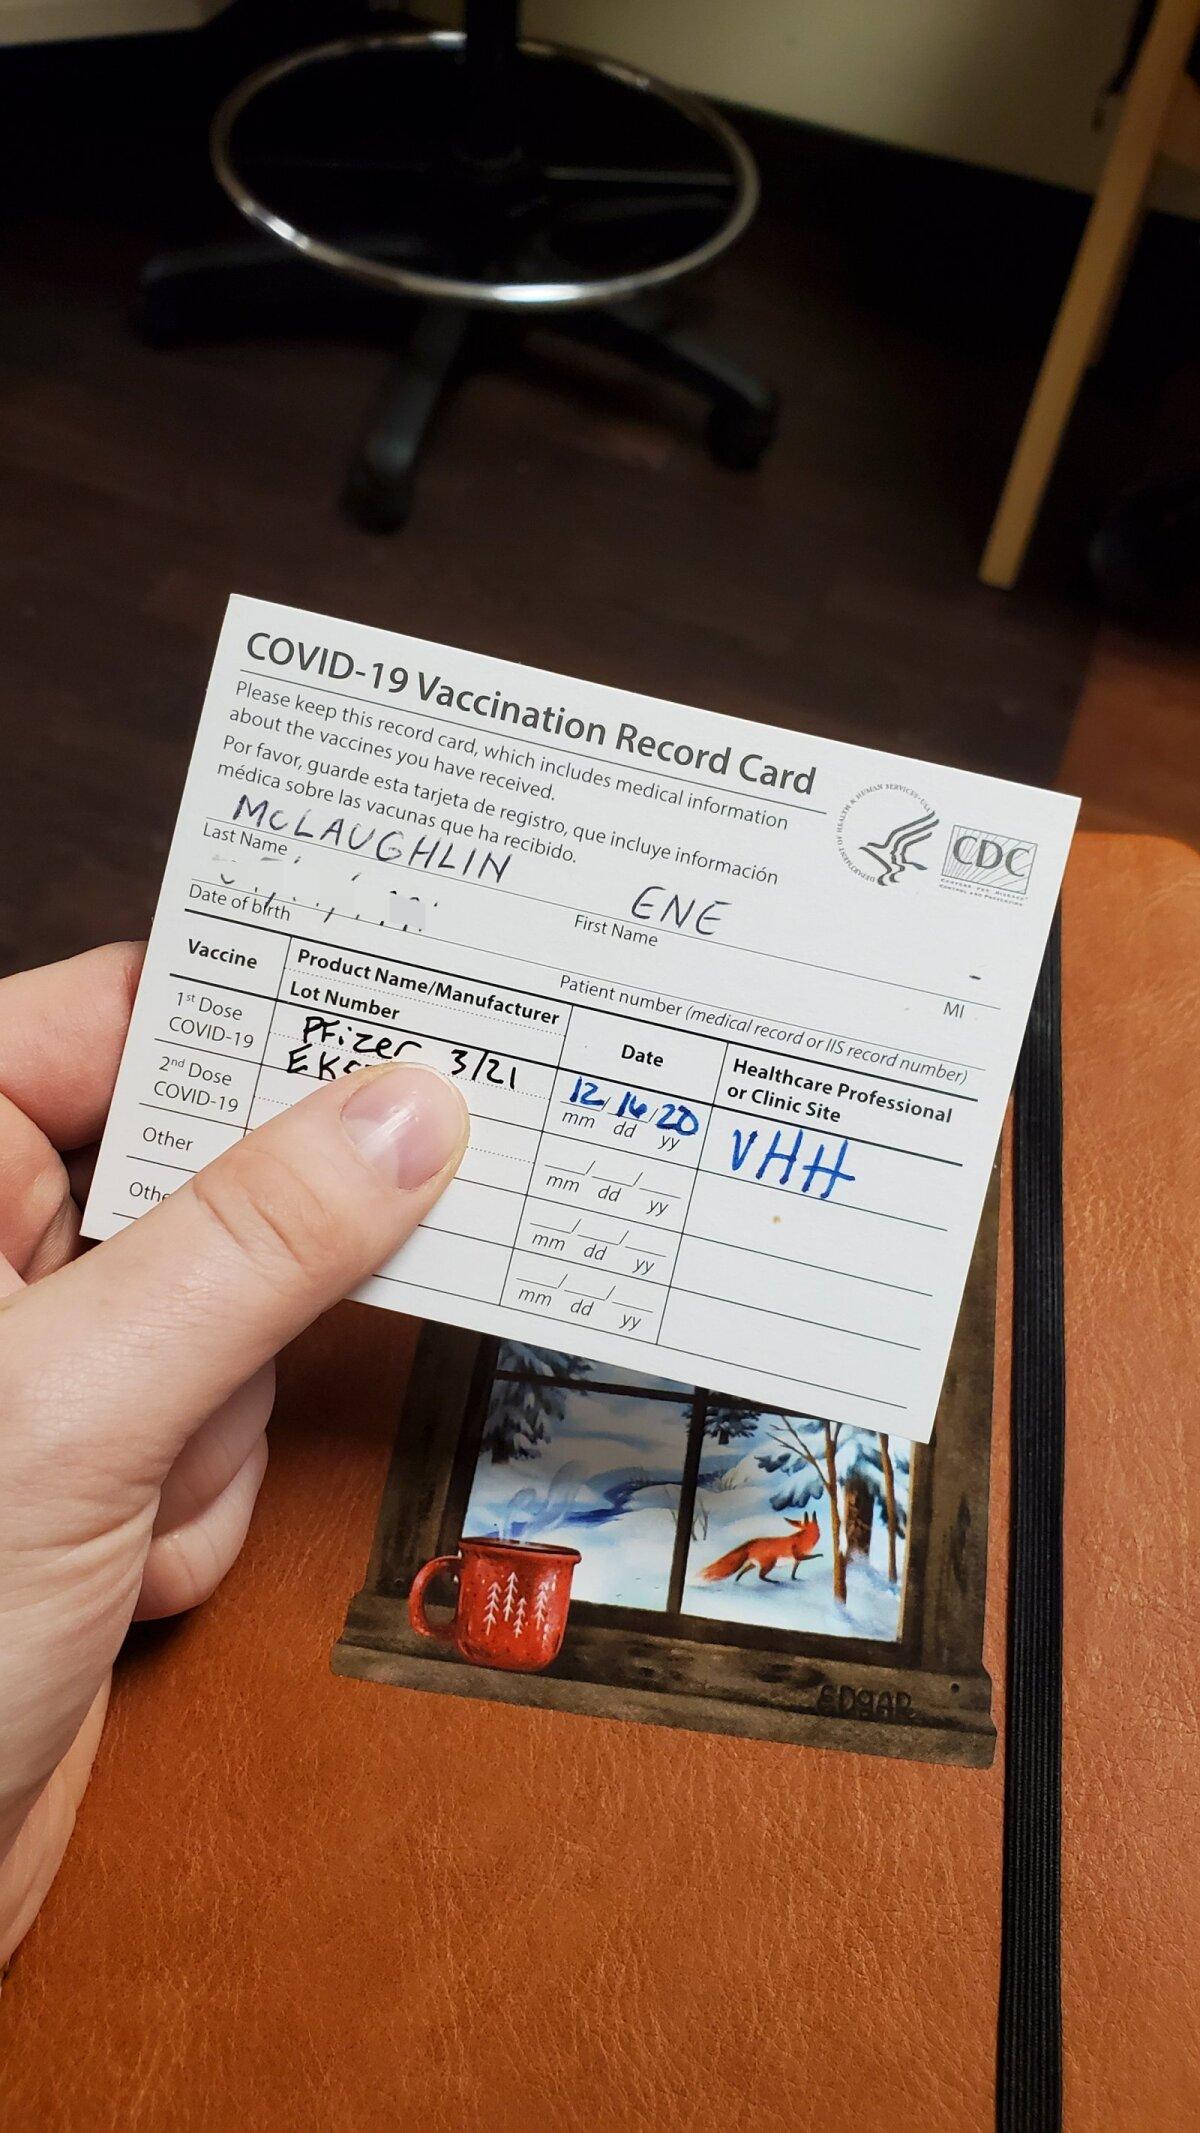 Colorados näppu antud vaktsiinikaart. Sellega püütakse osariigis inimestel meeles hoida, et koroonavaktsiini tuleb saada kahes doosis